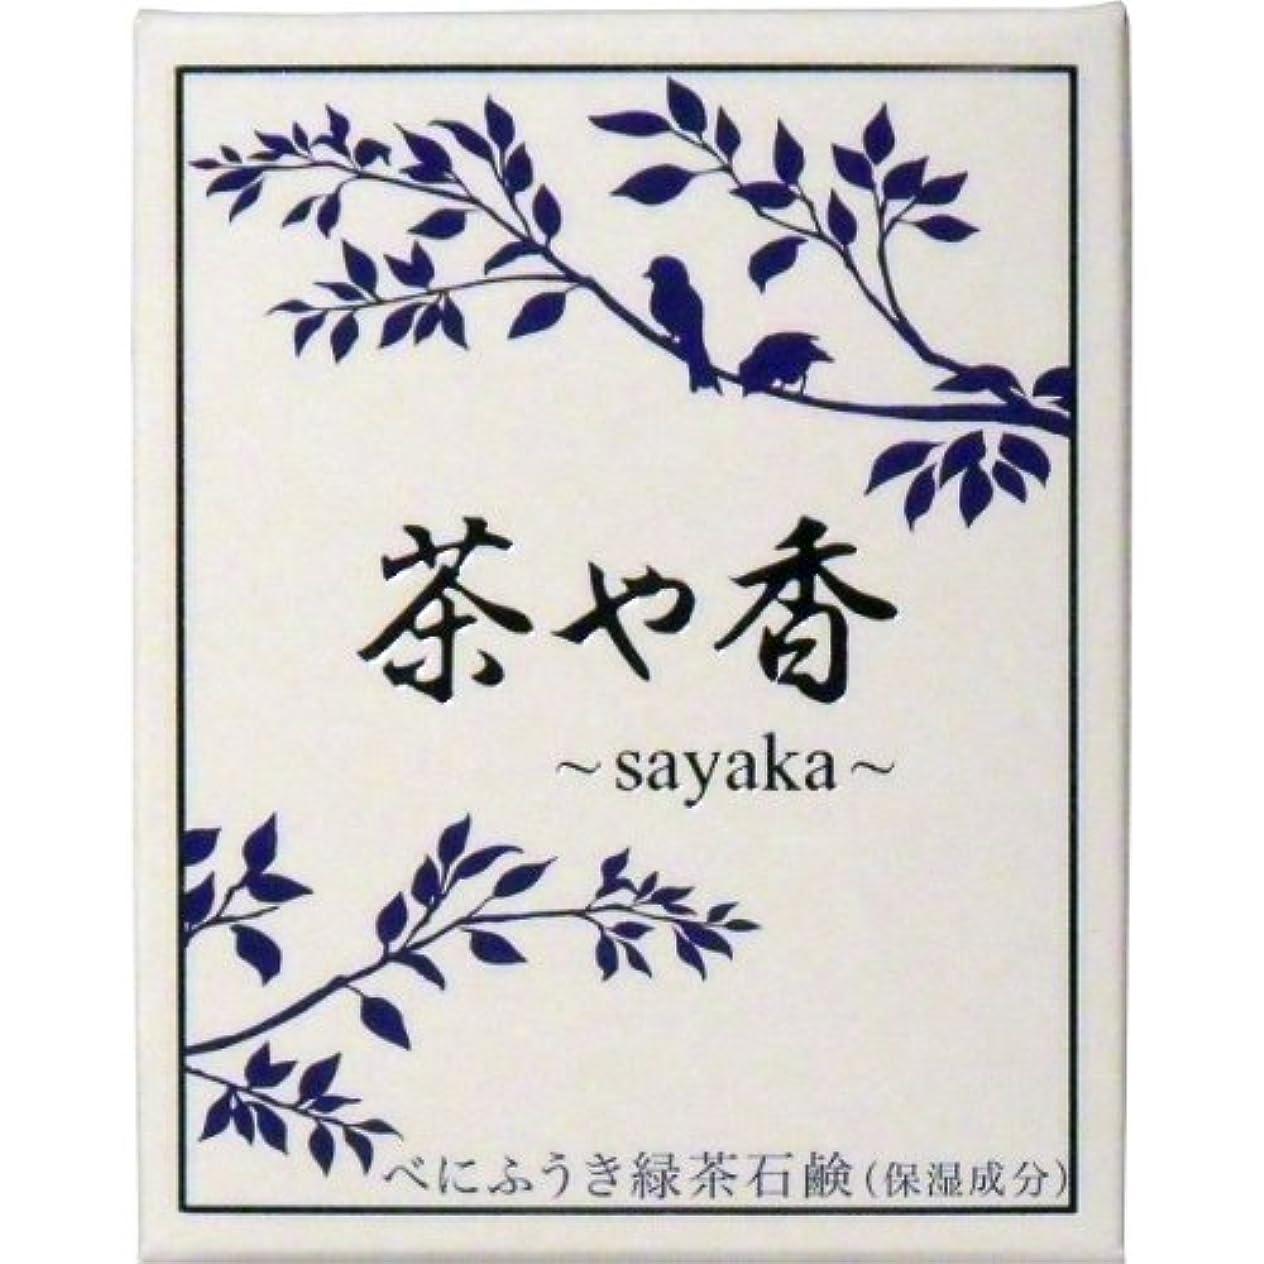 製作信仰あご茶や香 -sayaka- べにふうき緑茶石鹸 100g入 ×8個セット